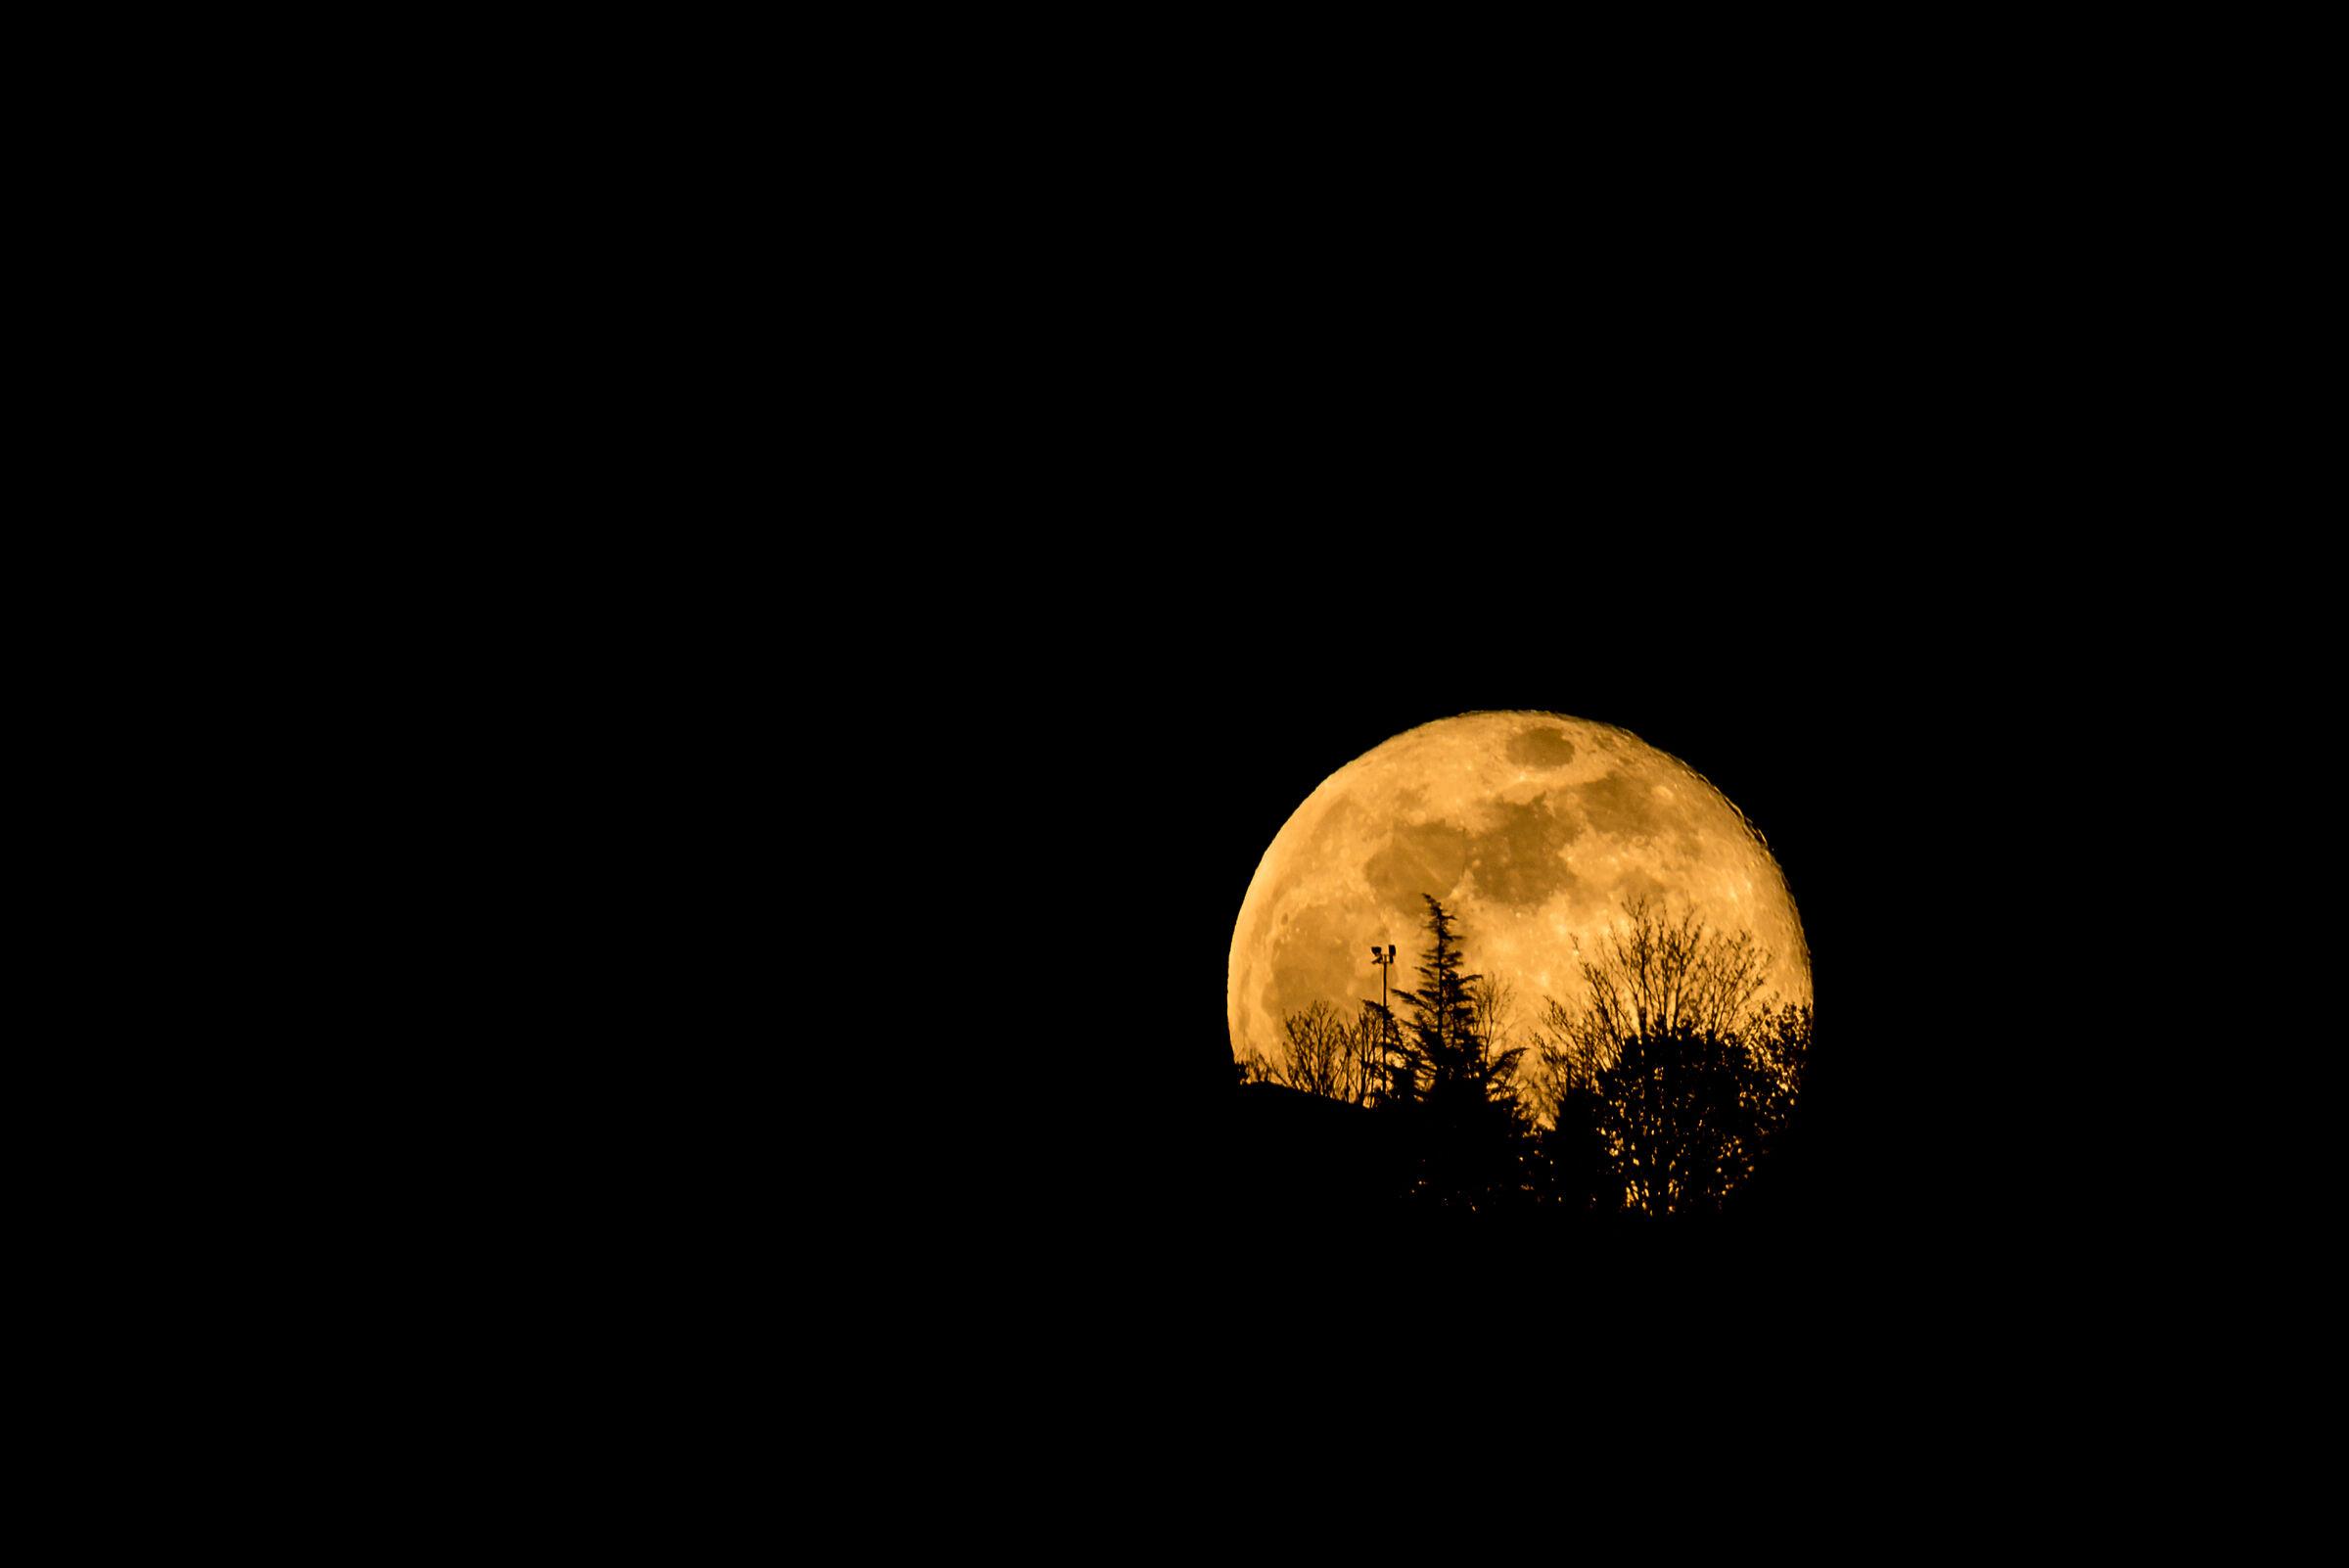 La super luna che sorge...